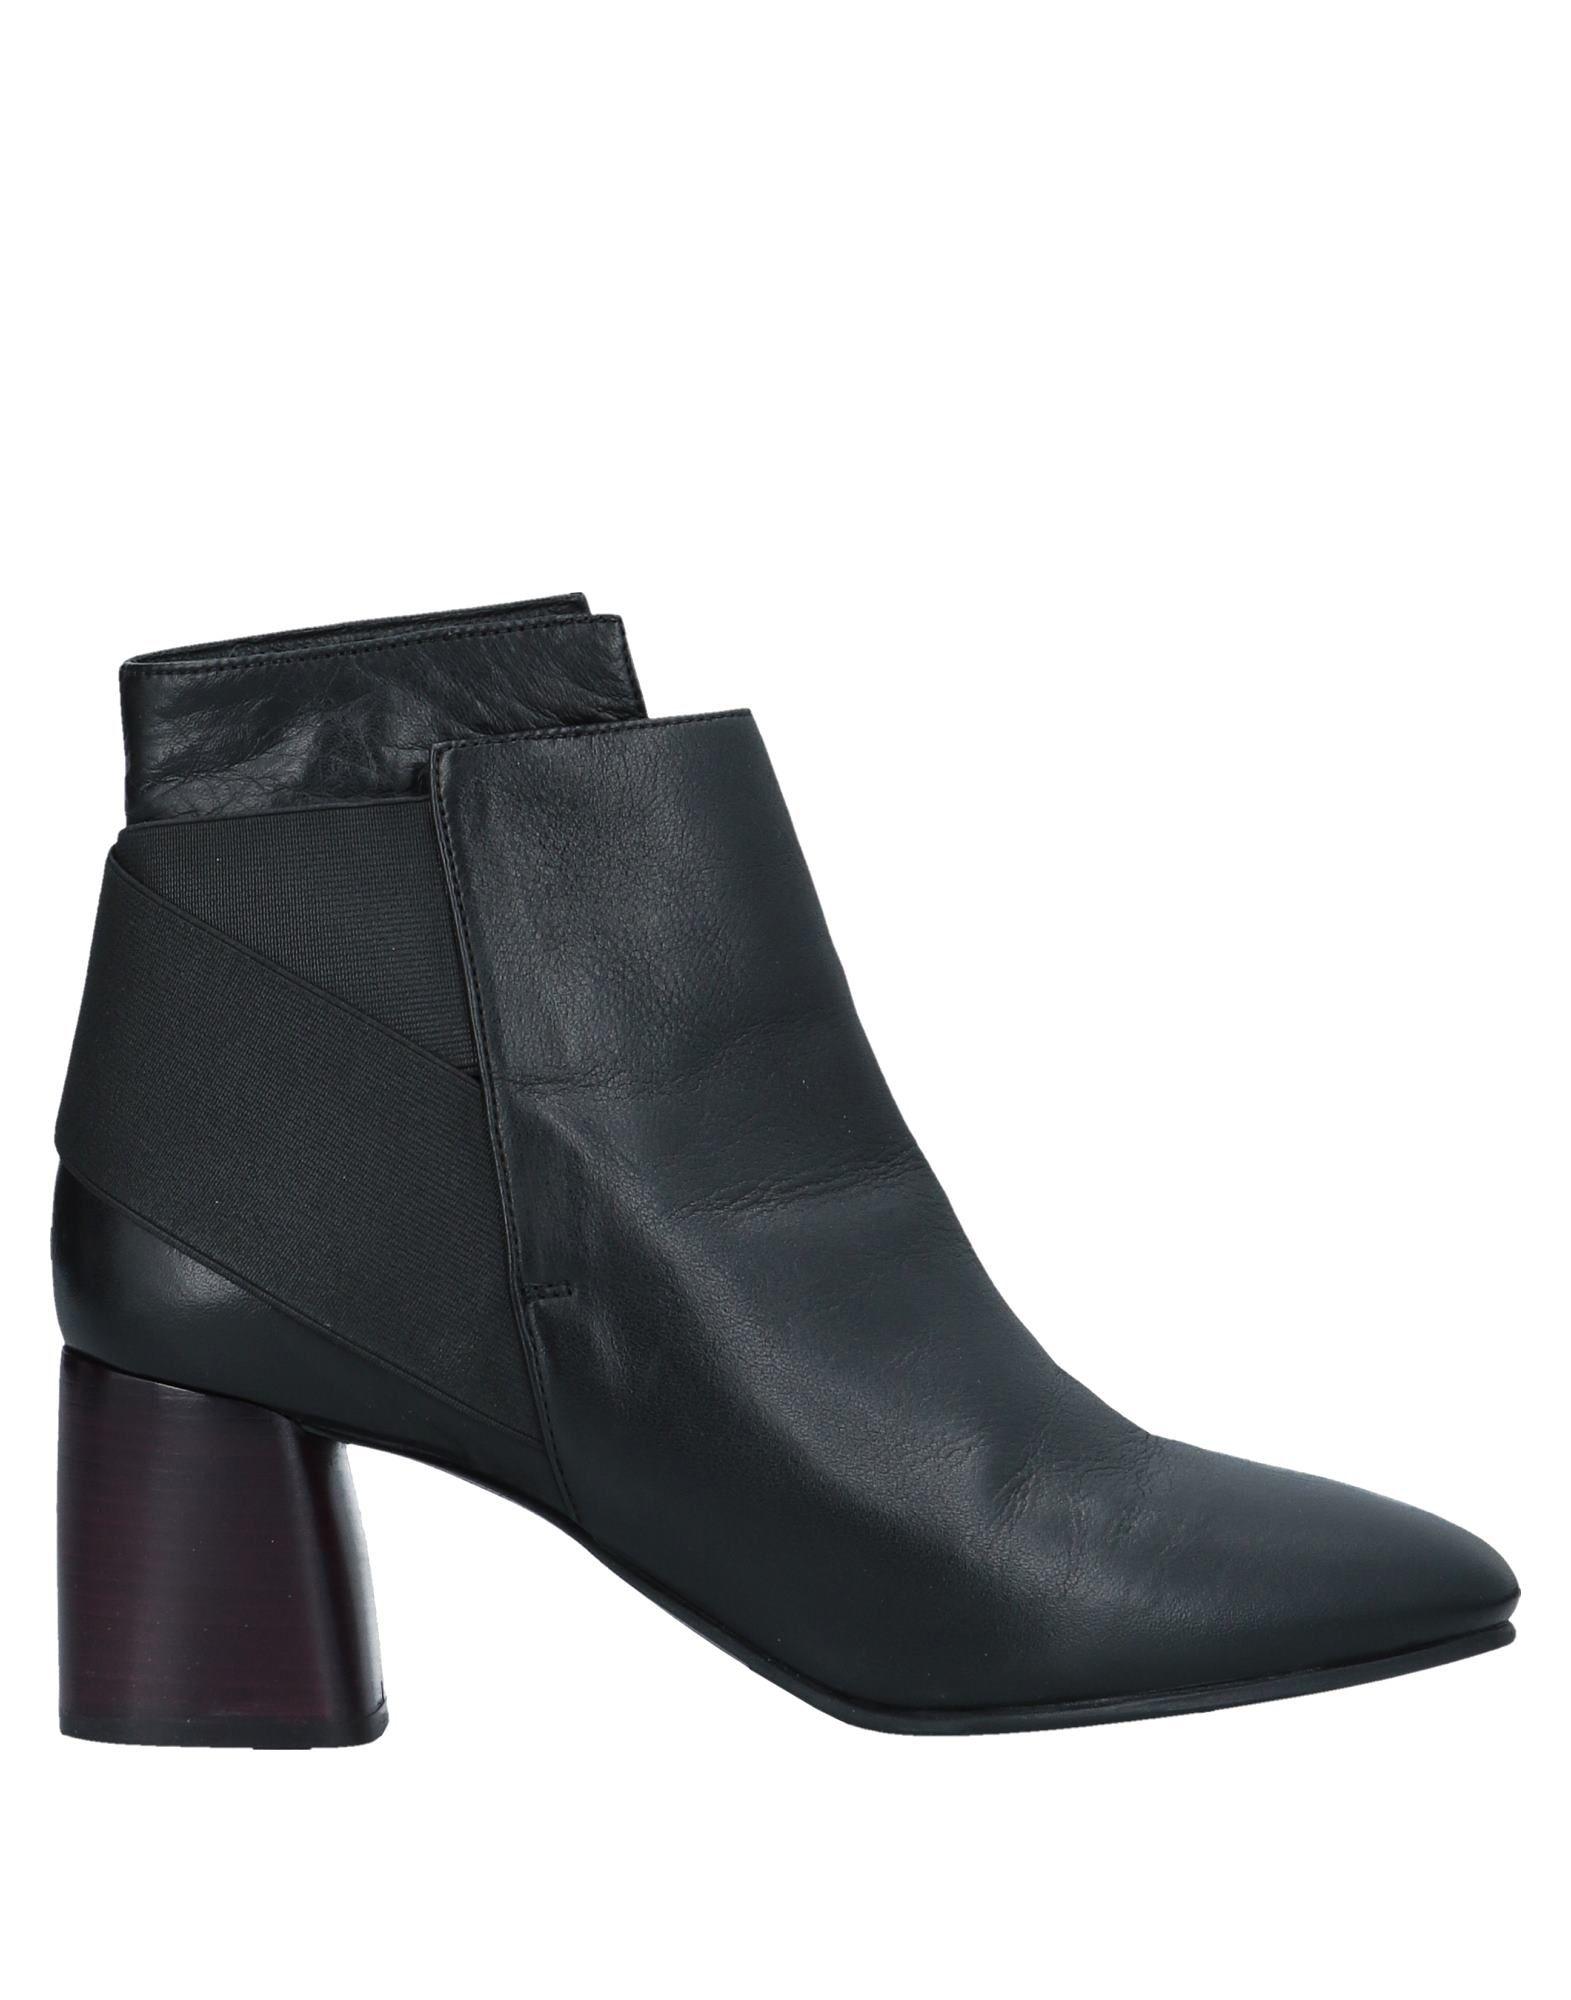 Poesie Veneziane Stiefelette Qualität Damen  11549545PN Gute Qualität Stiefelette beliebte Schuhe 54289a